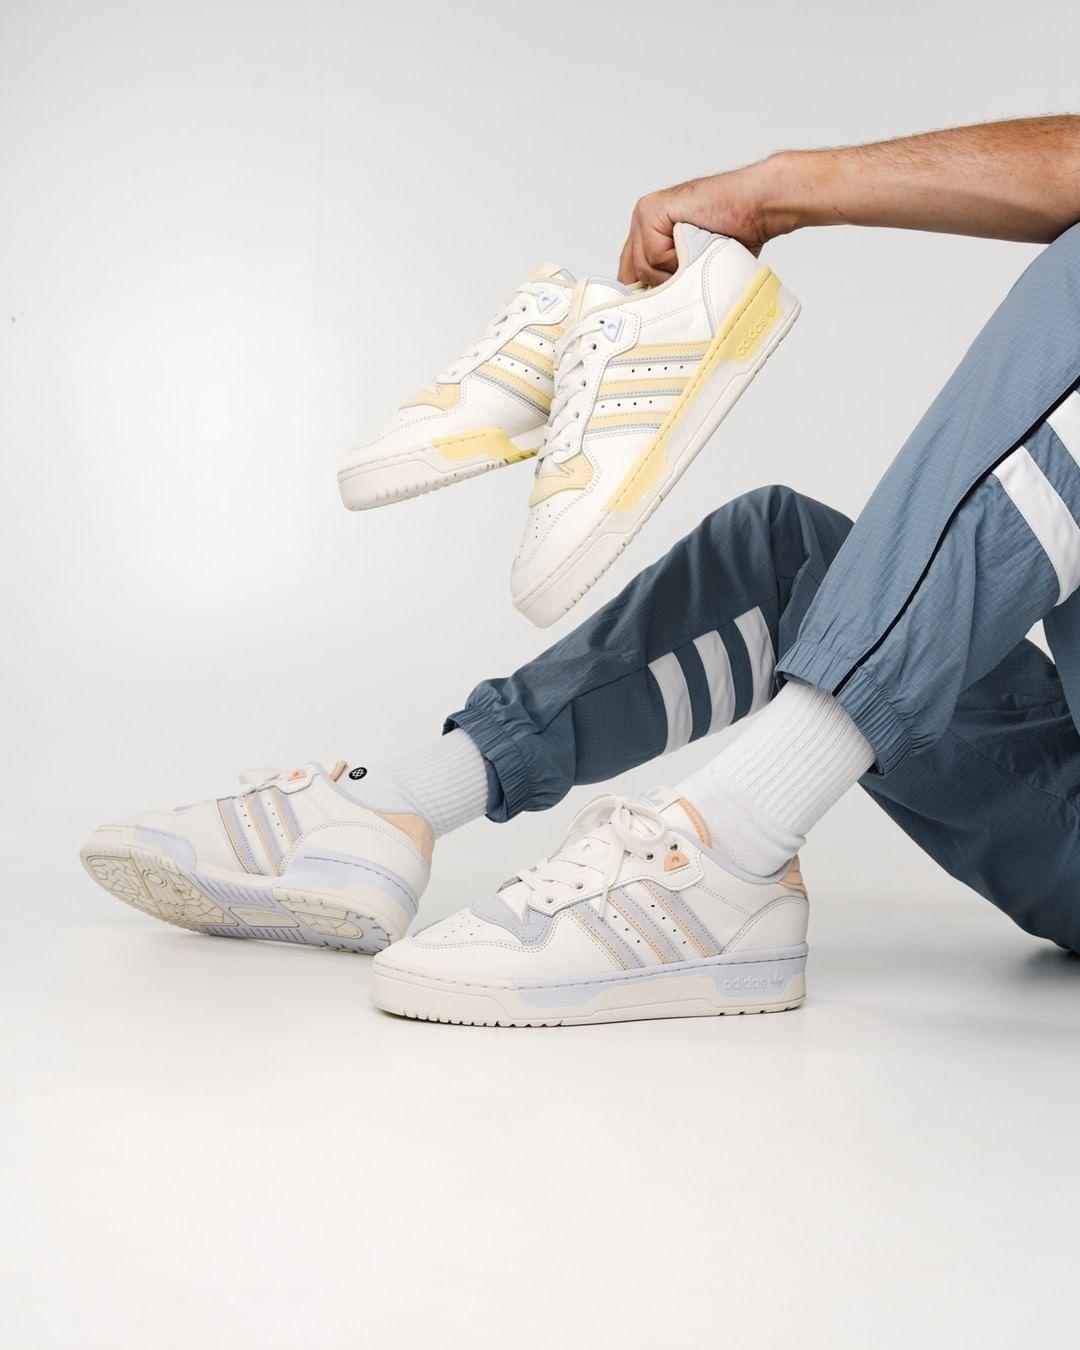 Primitivo Premedicación Destrucción  Pin on Sneakers Shoes